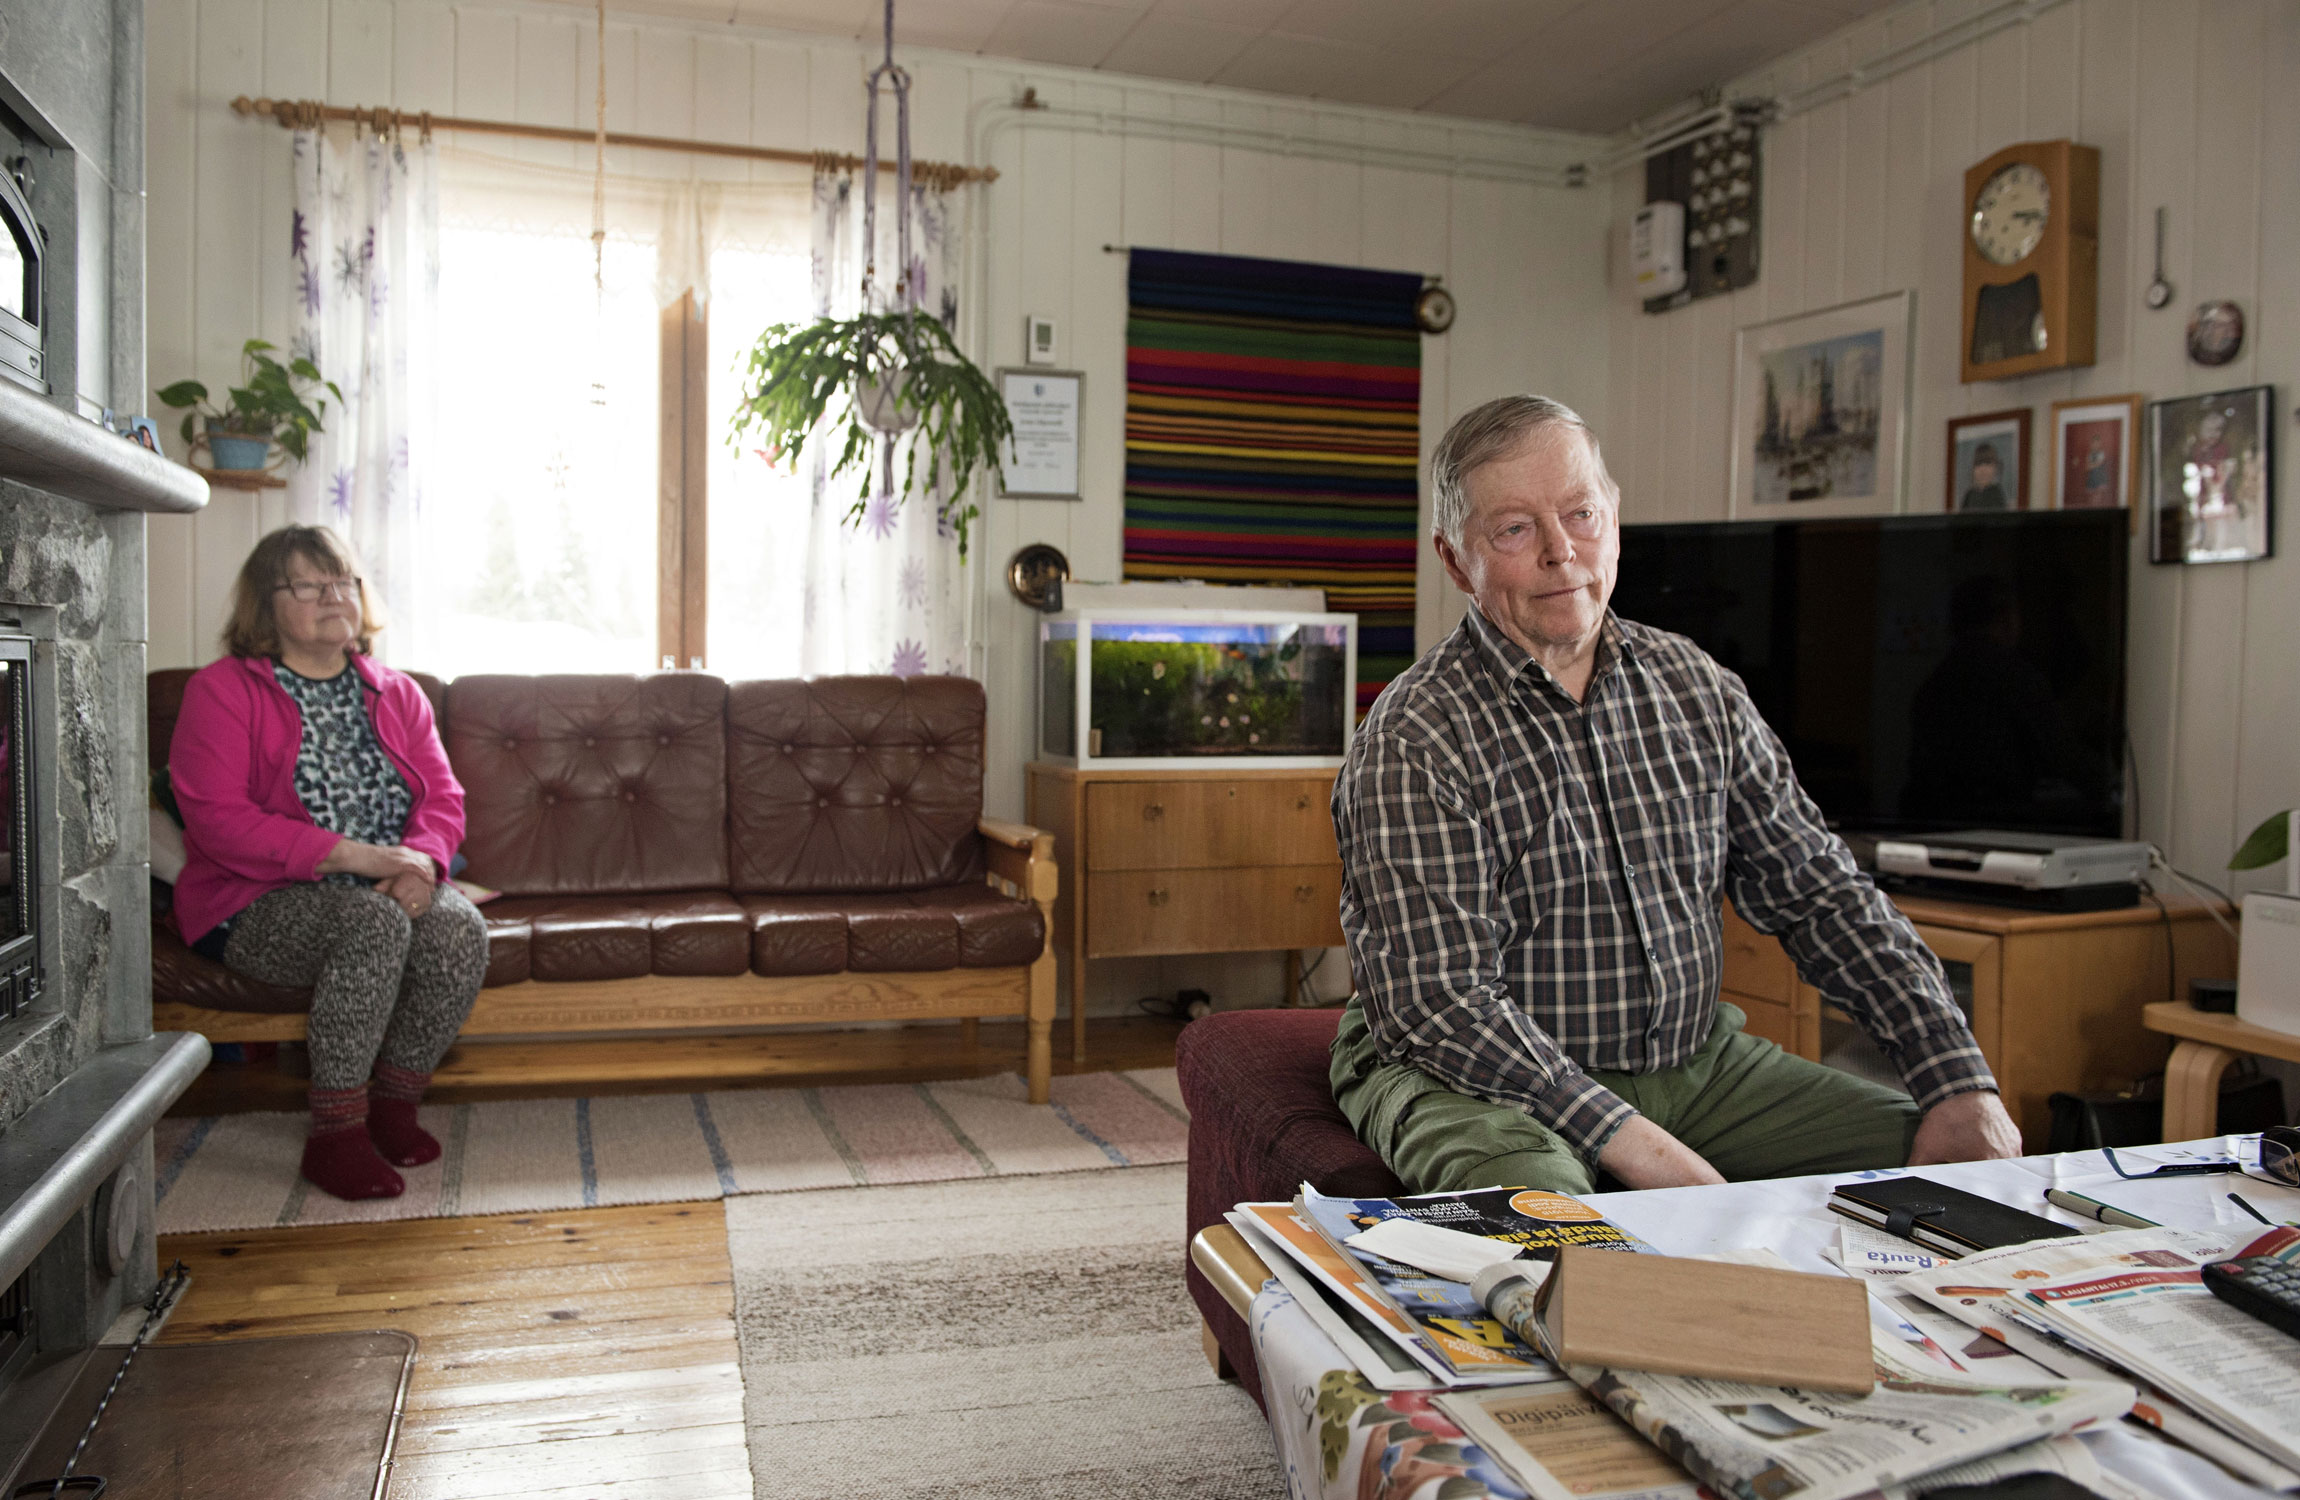 Jorma Oikarinen oli Väyrysen mies. Nyt hän on vaimonsa Maijan kanssa pettynyt Väyrysen touhuihin.